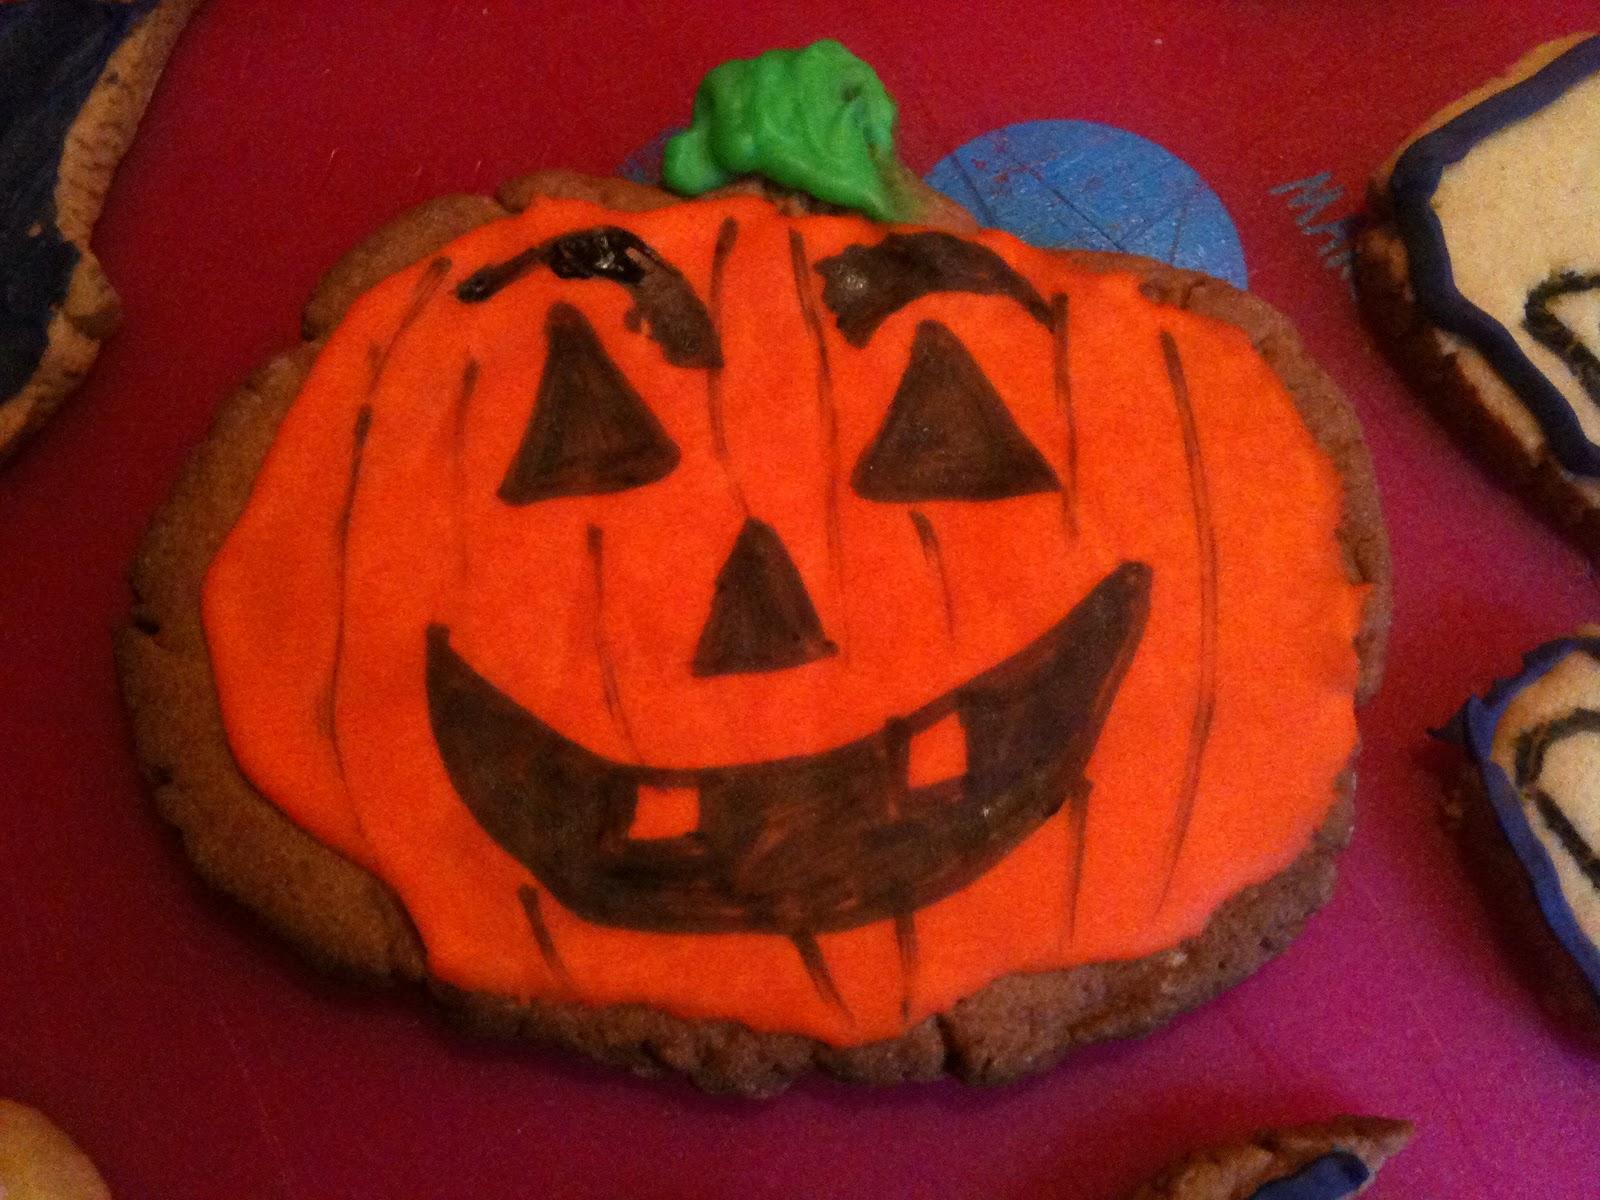 Con la barriguita llena galletas halloween - Halloween hipercor ...